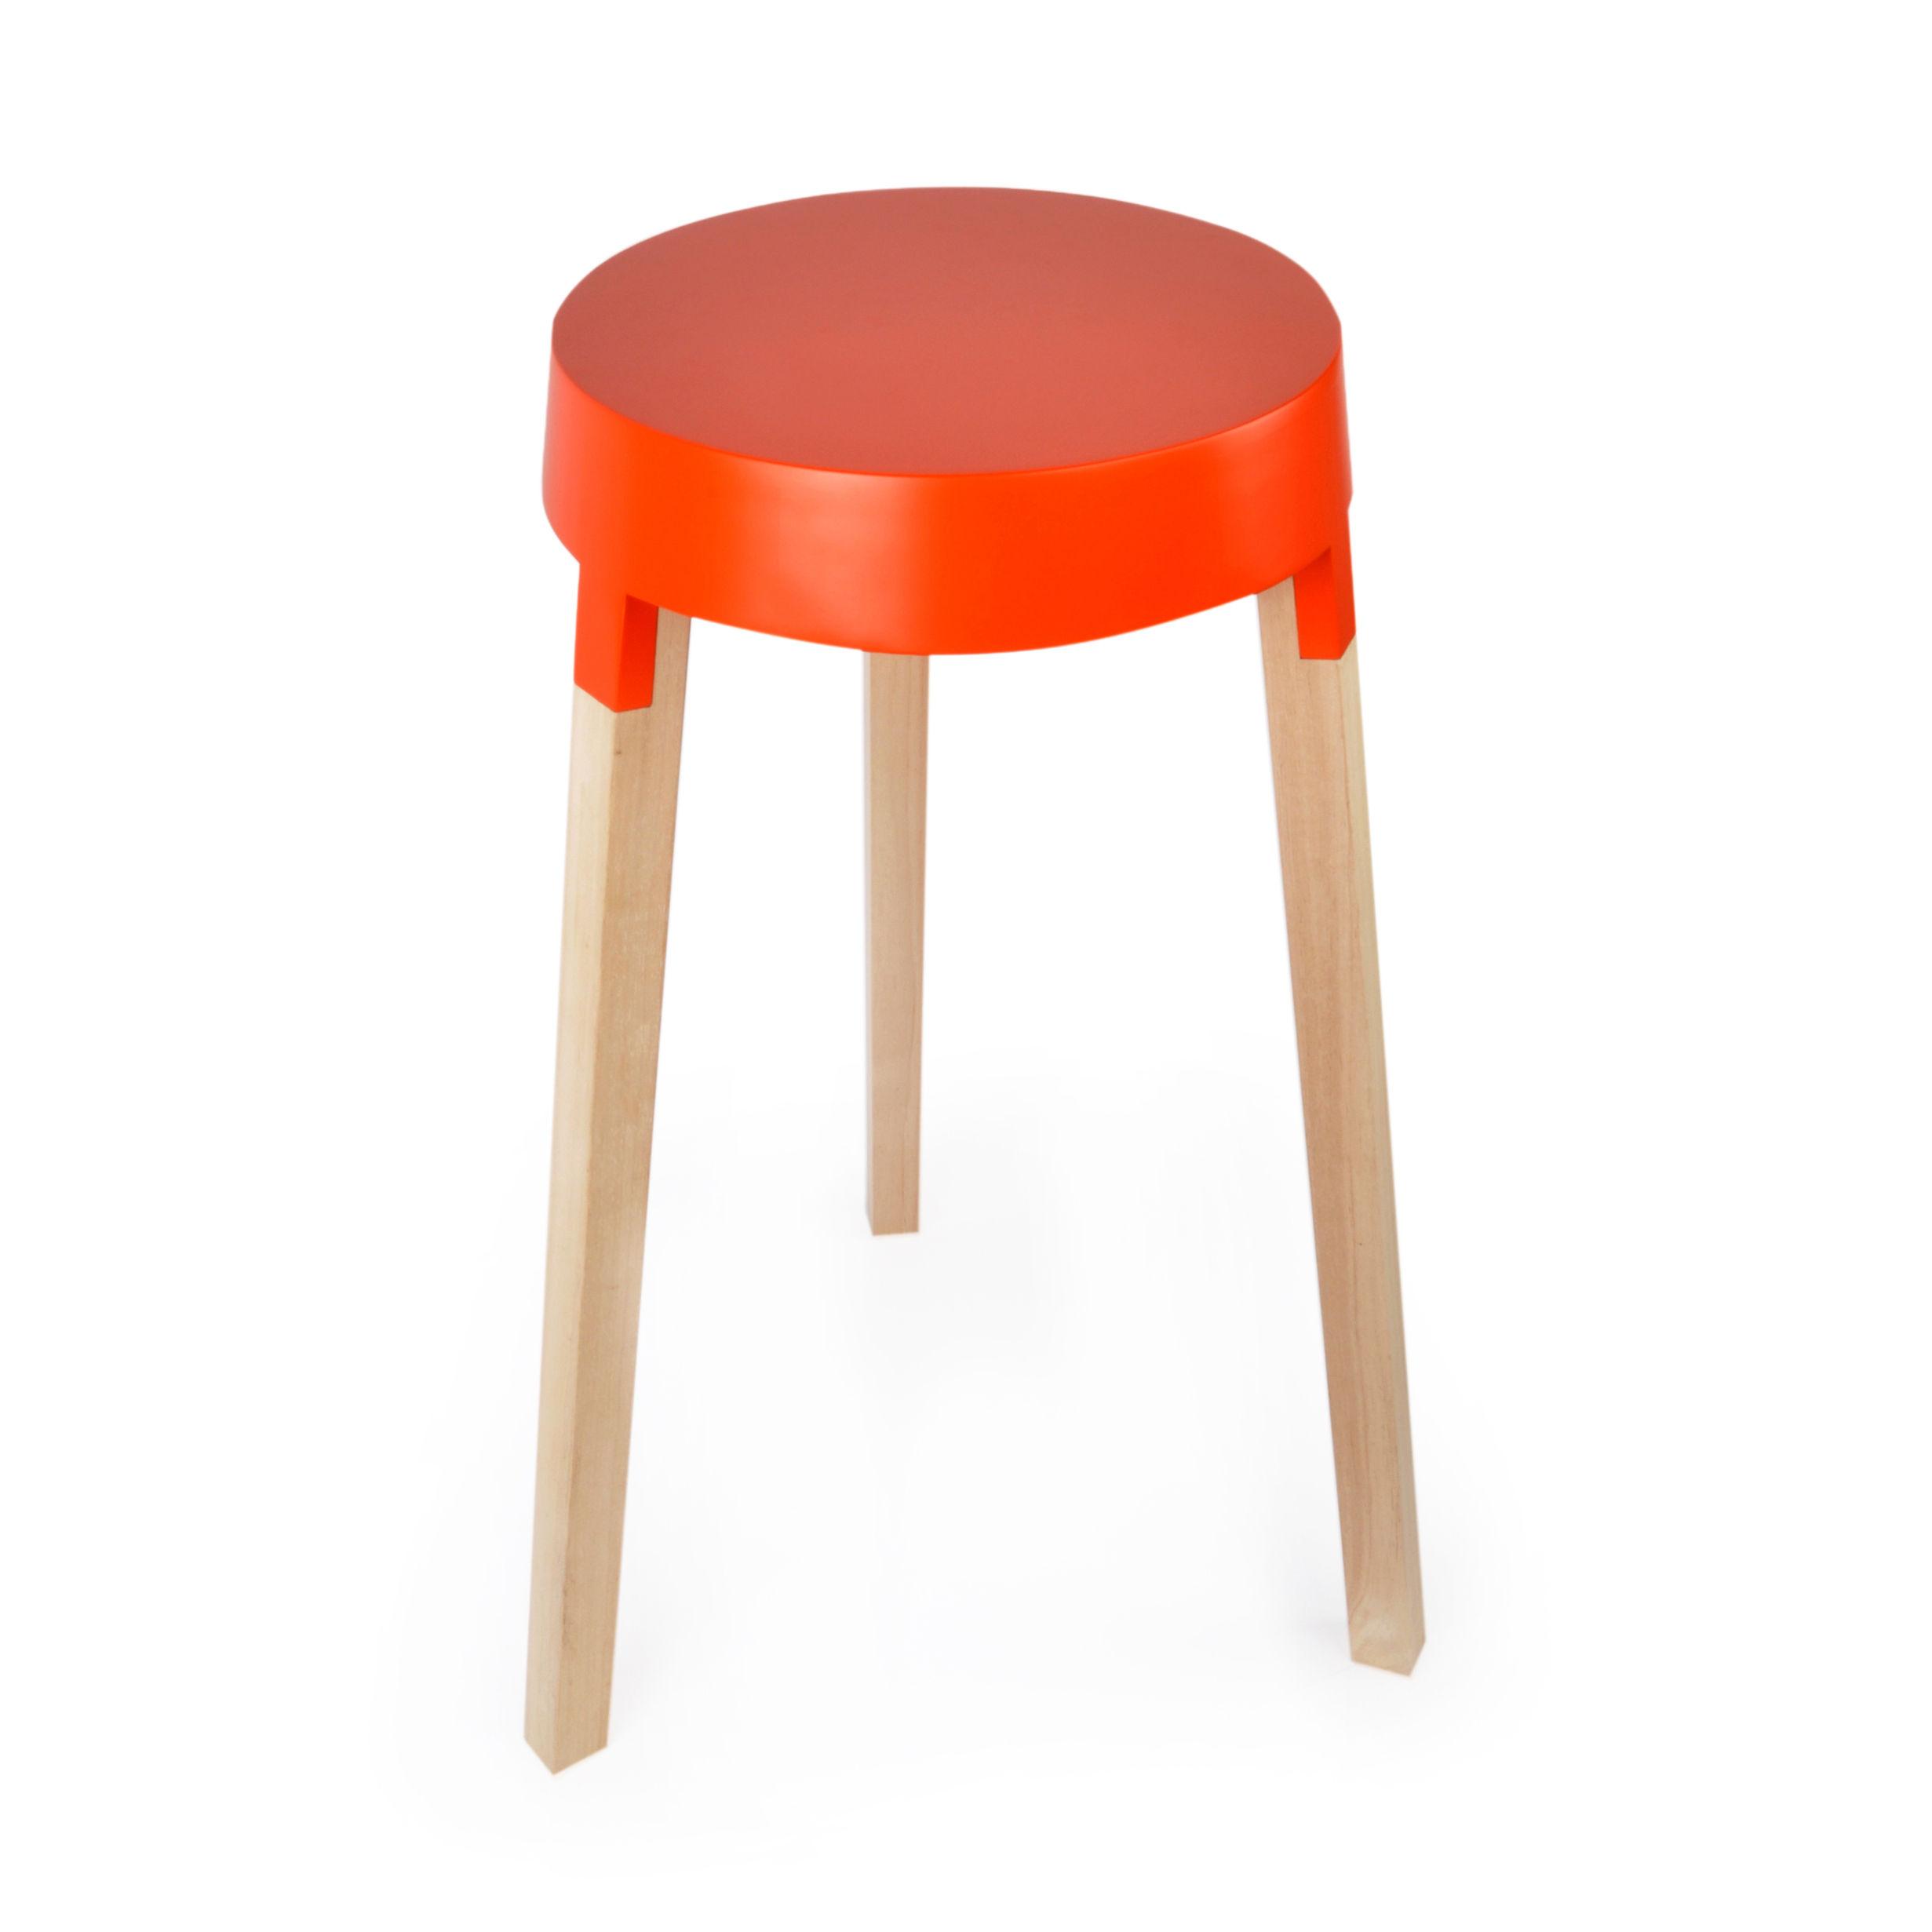 Mobilier - Tables basses - Table d'appoint bXL / Ø 40 x H 70 cm - XL Boom - Orange - Bois d'hévéa